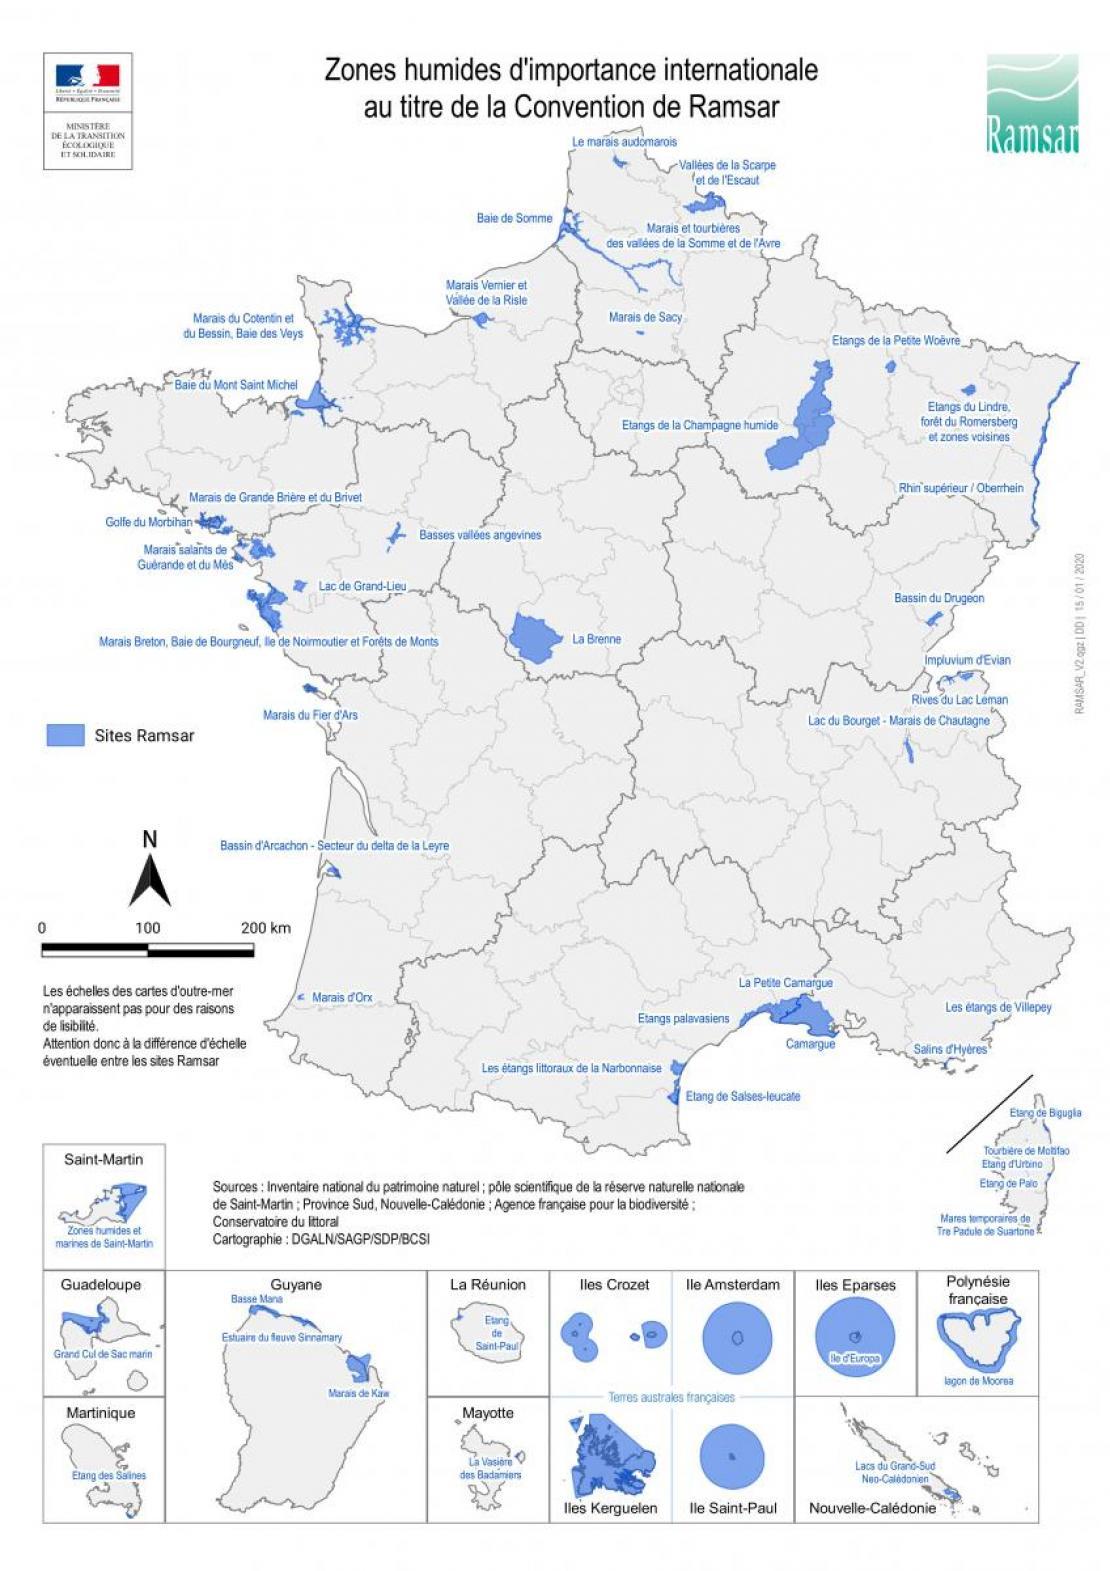 Zones humides d'importance internationale au titre de la Convention de Ramsar